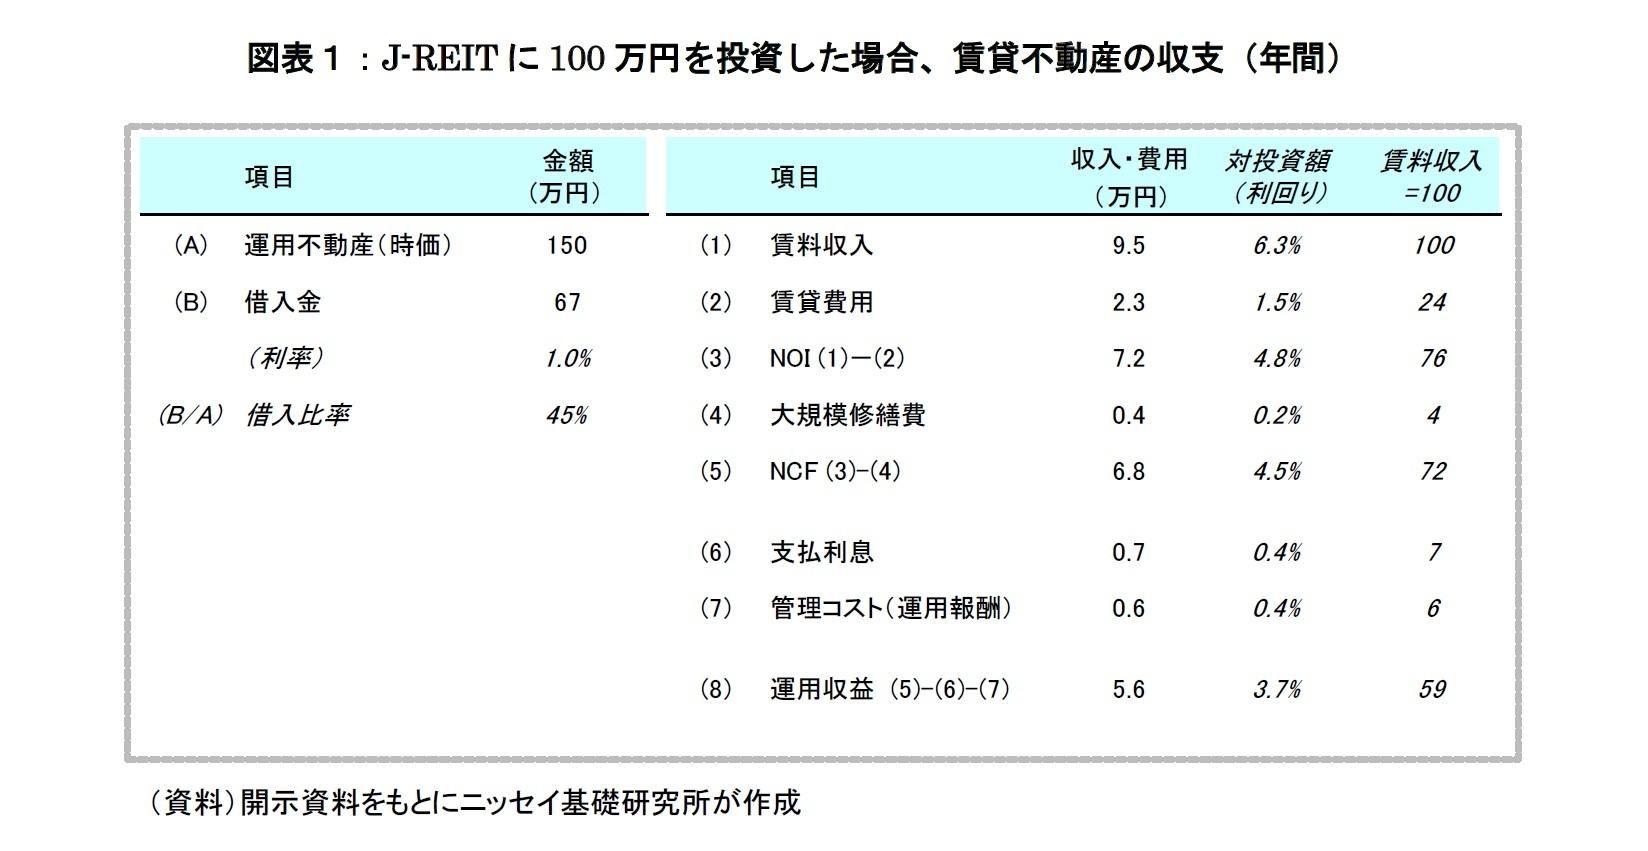 図表1:J-REIT に100 万円を投資した場合、賃貸不動産の収支(年間)